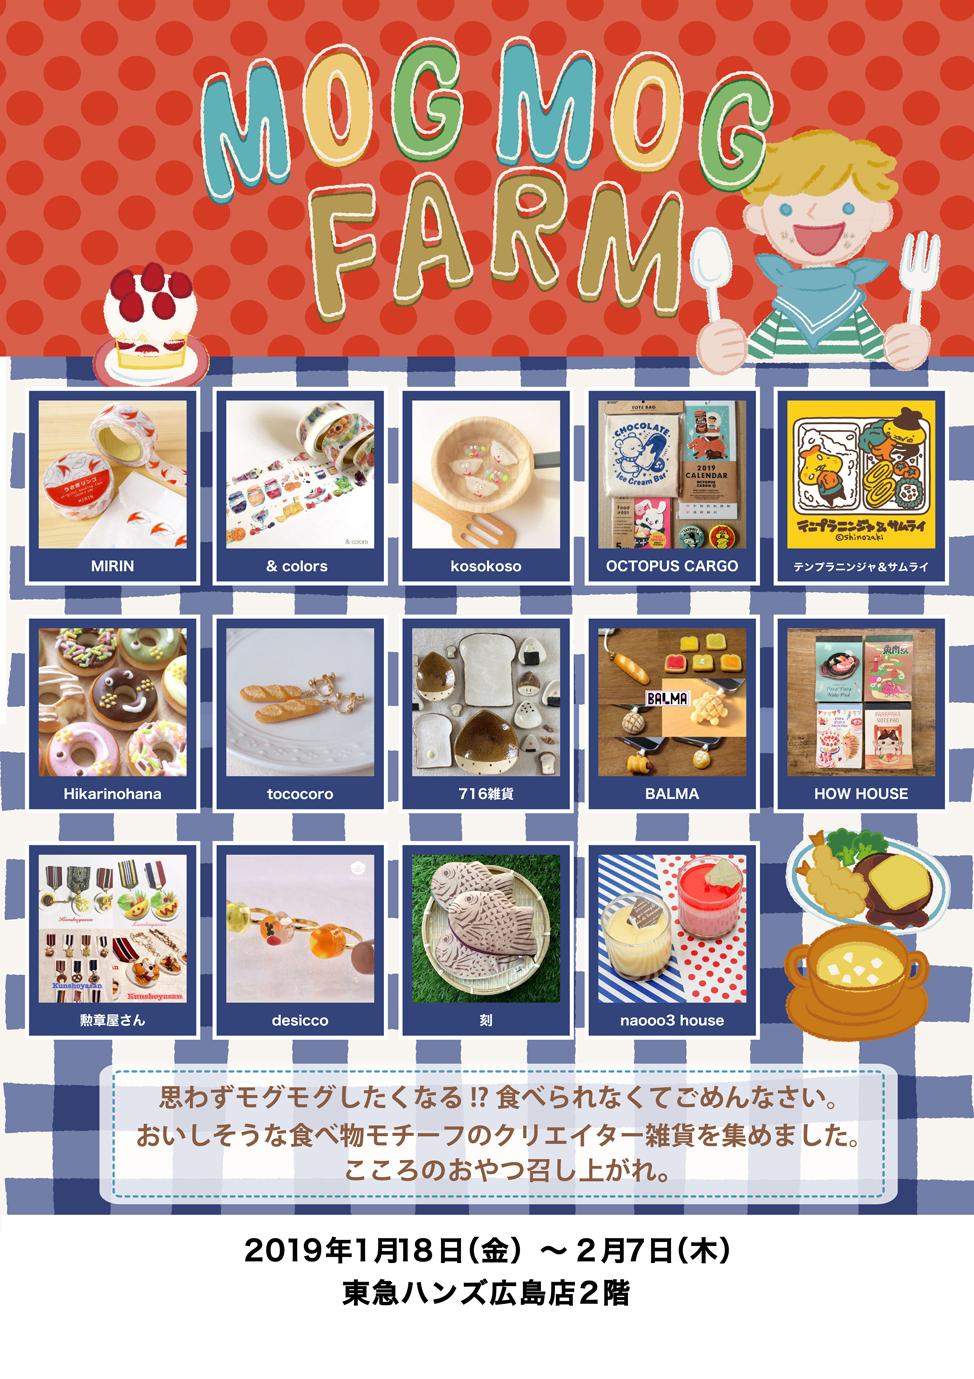 MOG MOG FARM 2019/1/18~2/7 @ハンズ広島店